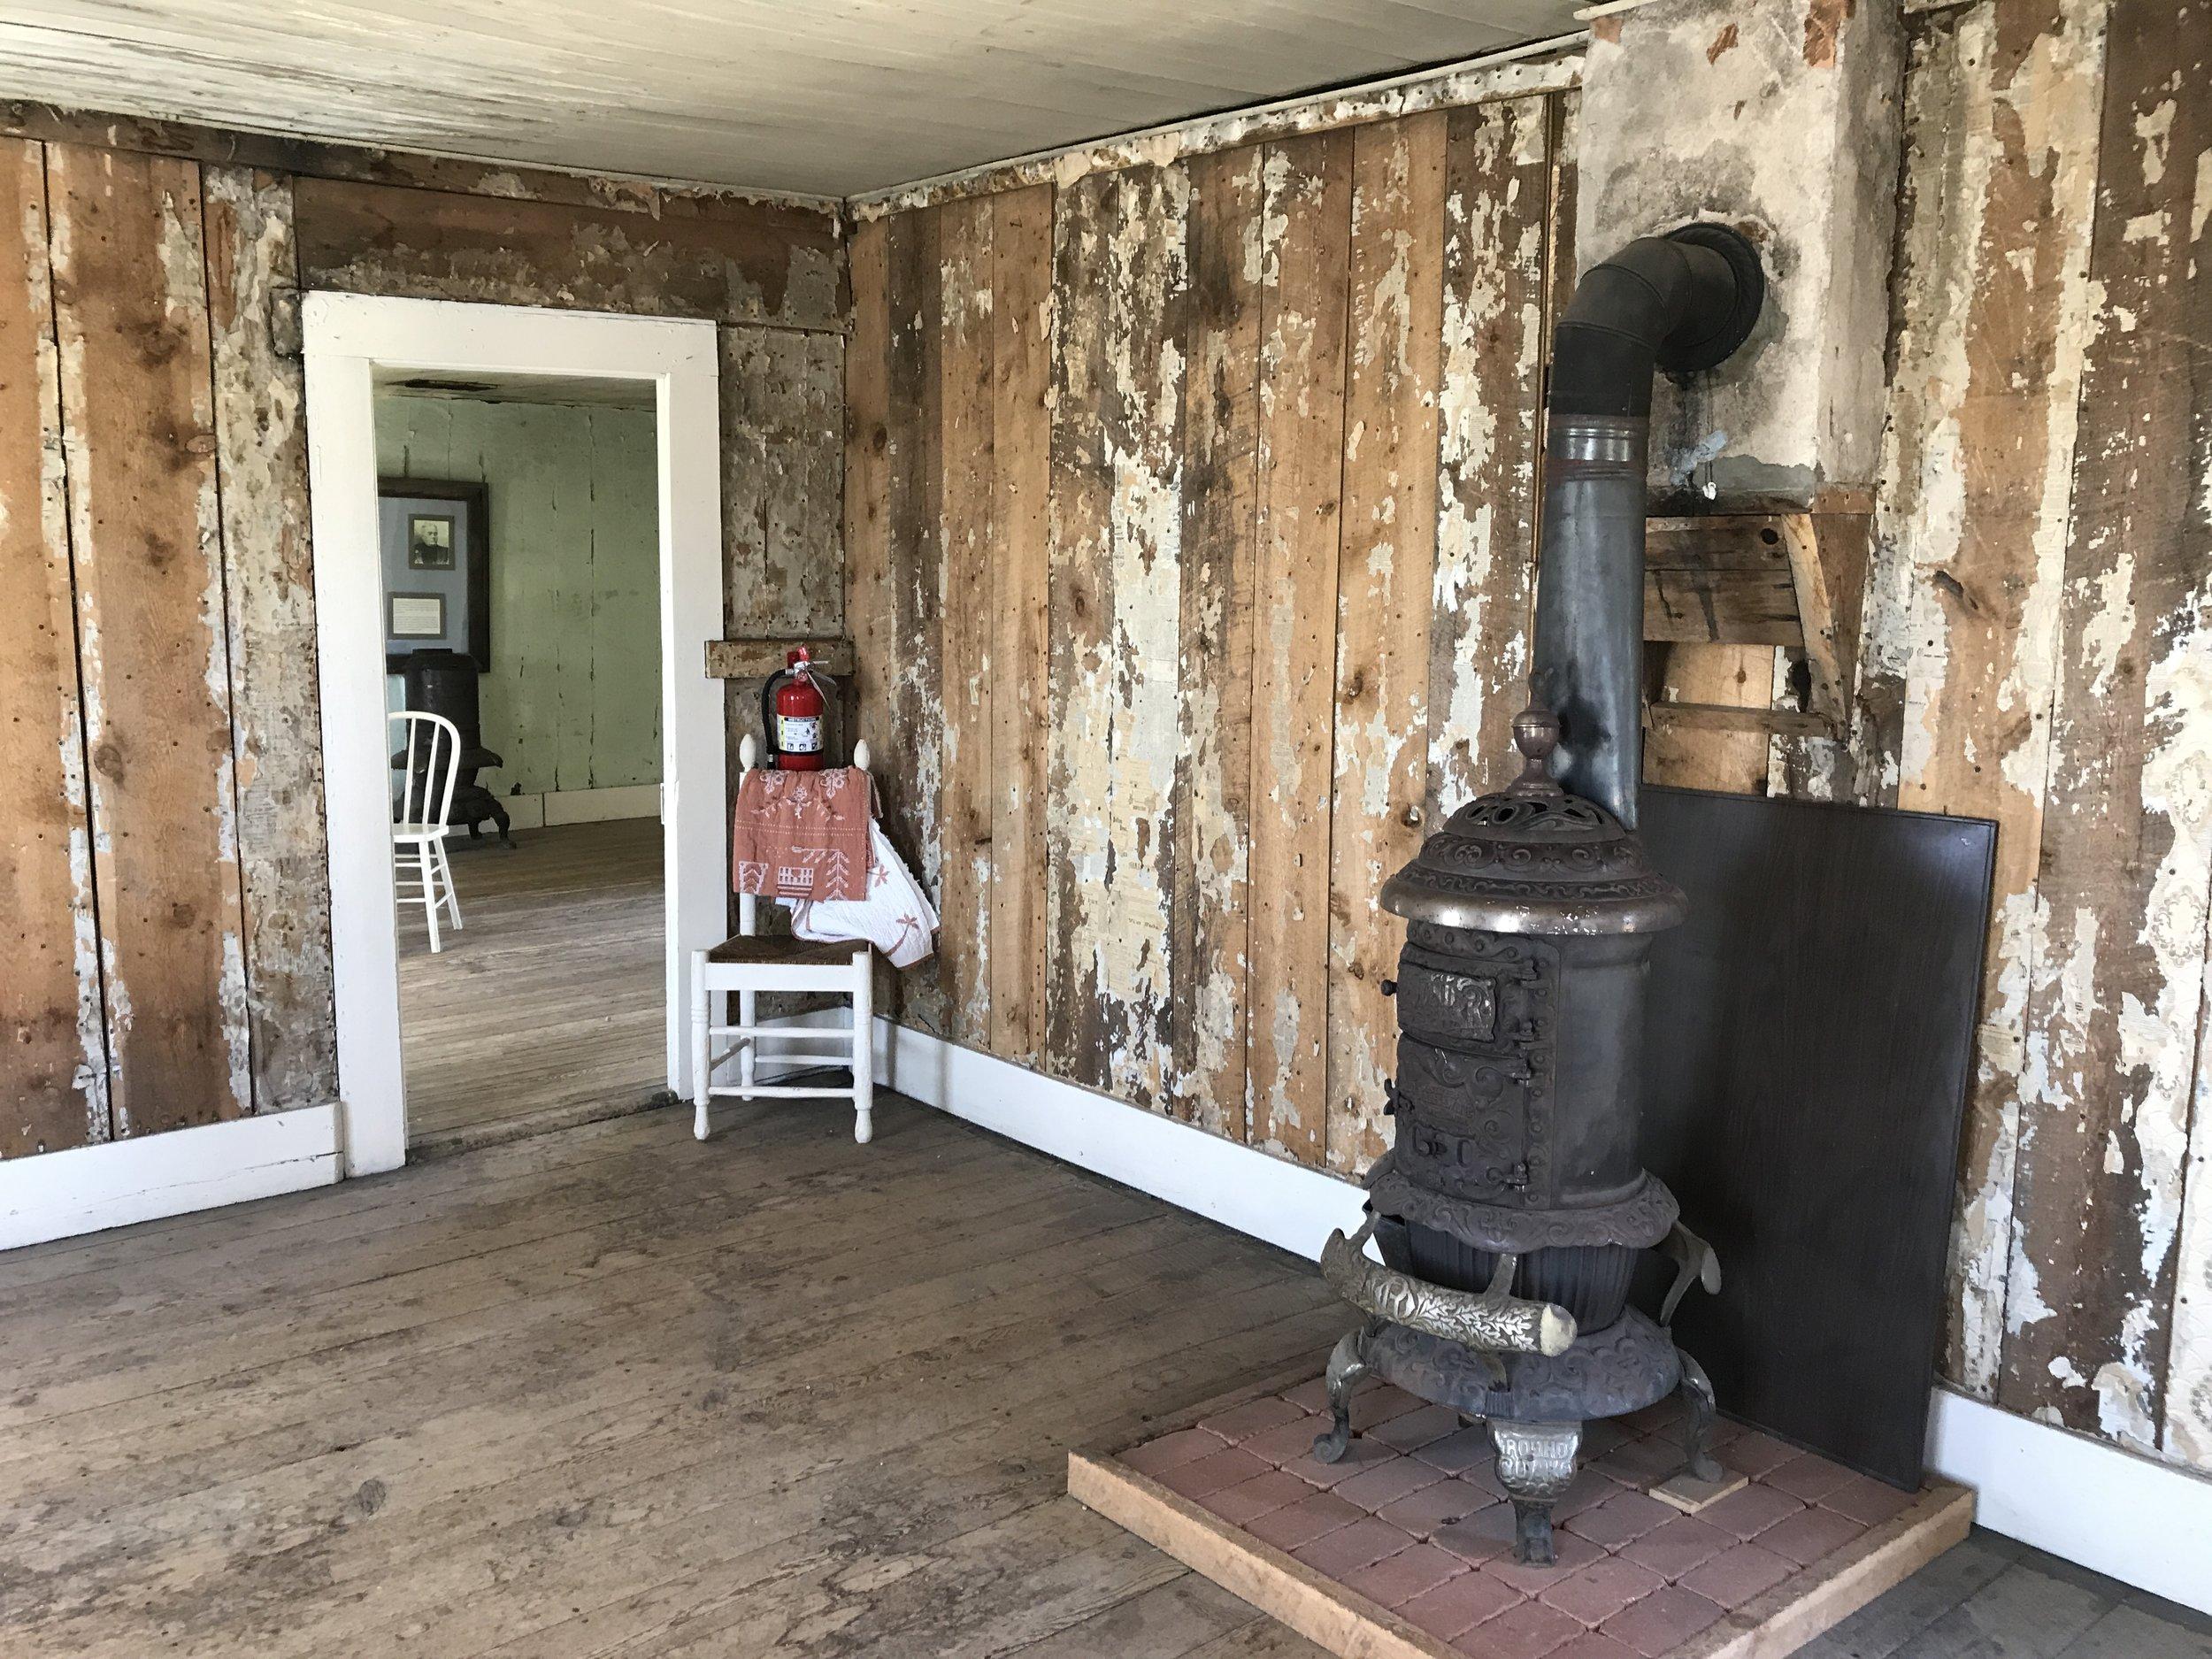 Inside of Adeline's homestead